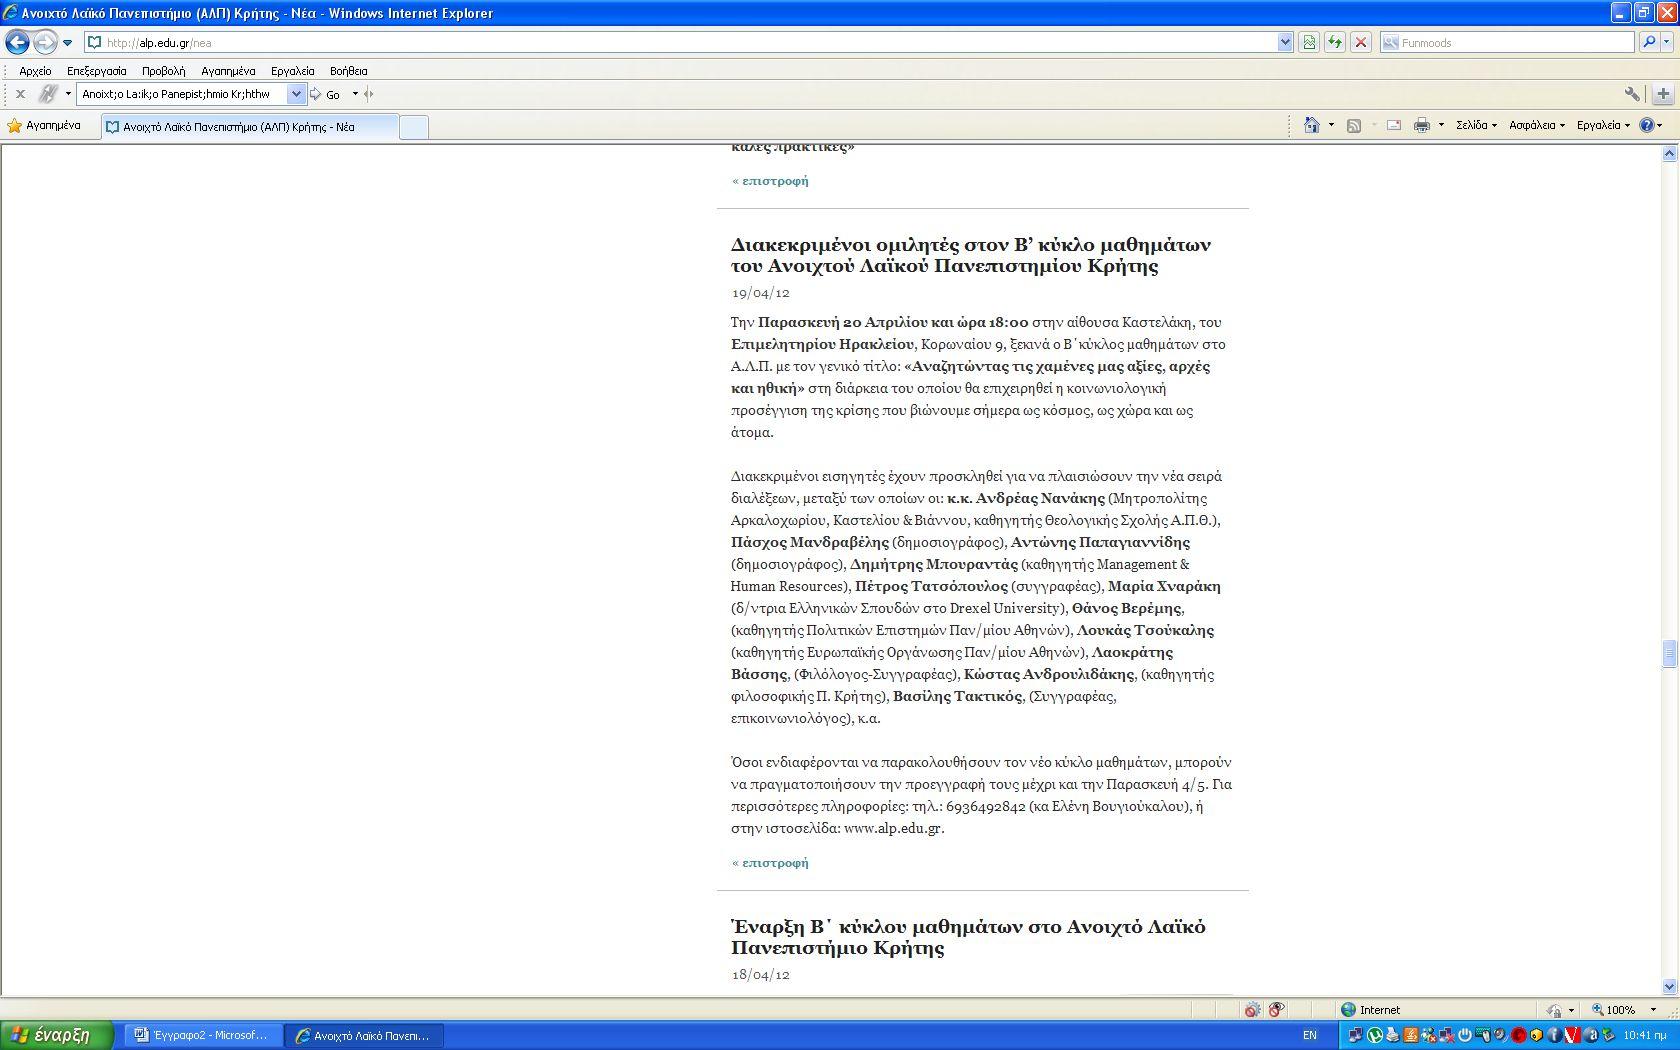 Οἱ «περίεργες» «ἐξαφανίσεις» τοῦ Ἀνοικτοῦ Λαϊκοῦ Πανεπιστημίου Κρήτης...9